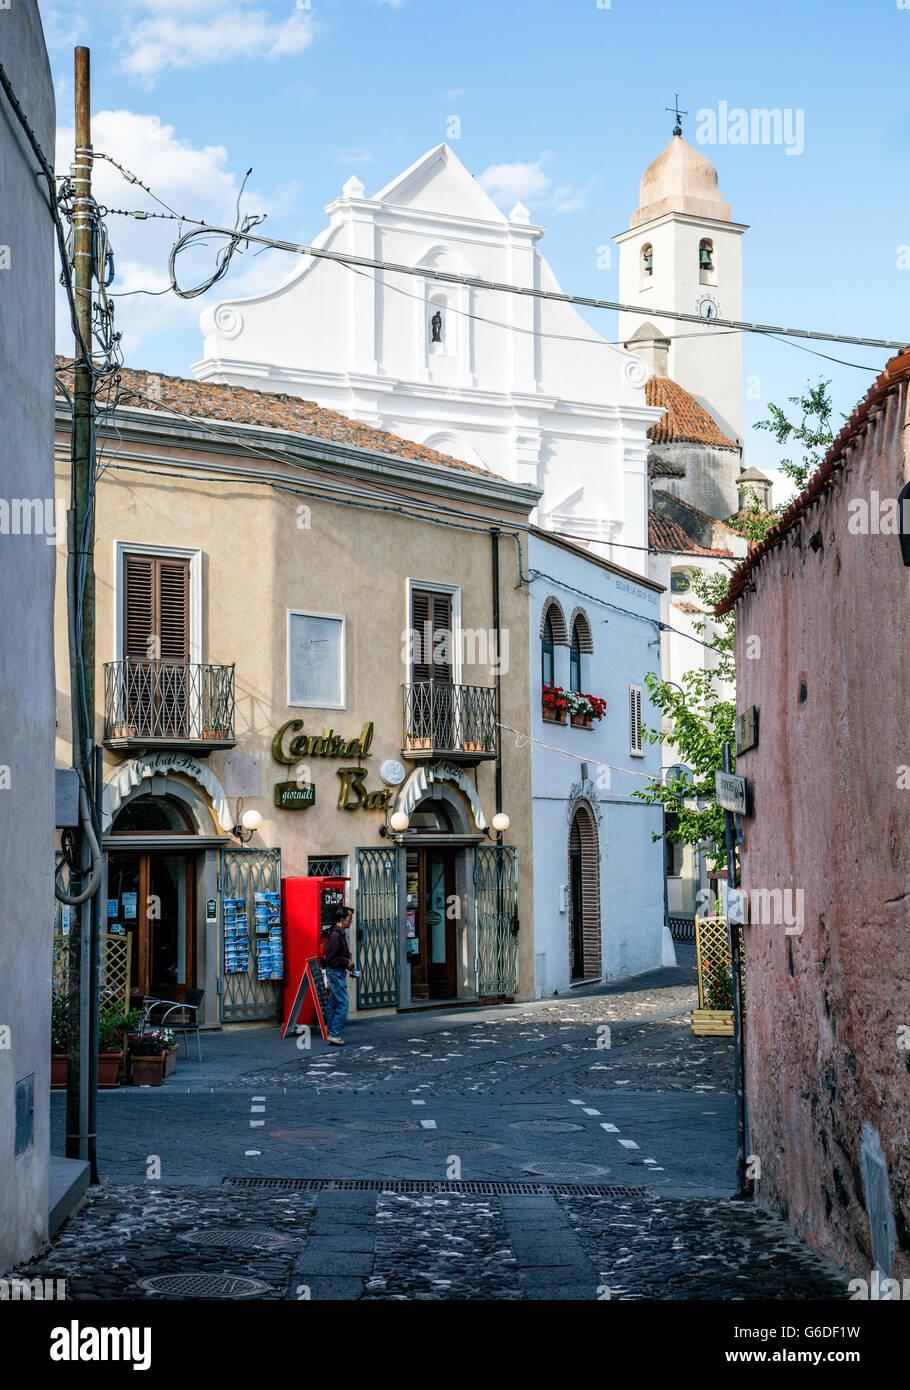 Strade acciottolate Orosei Sardegna Italia Immagini Stock